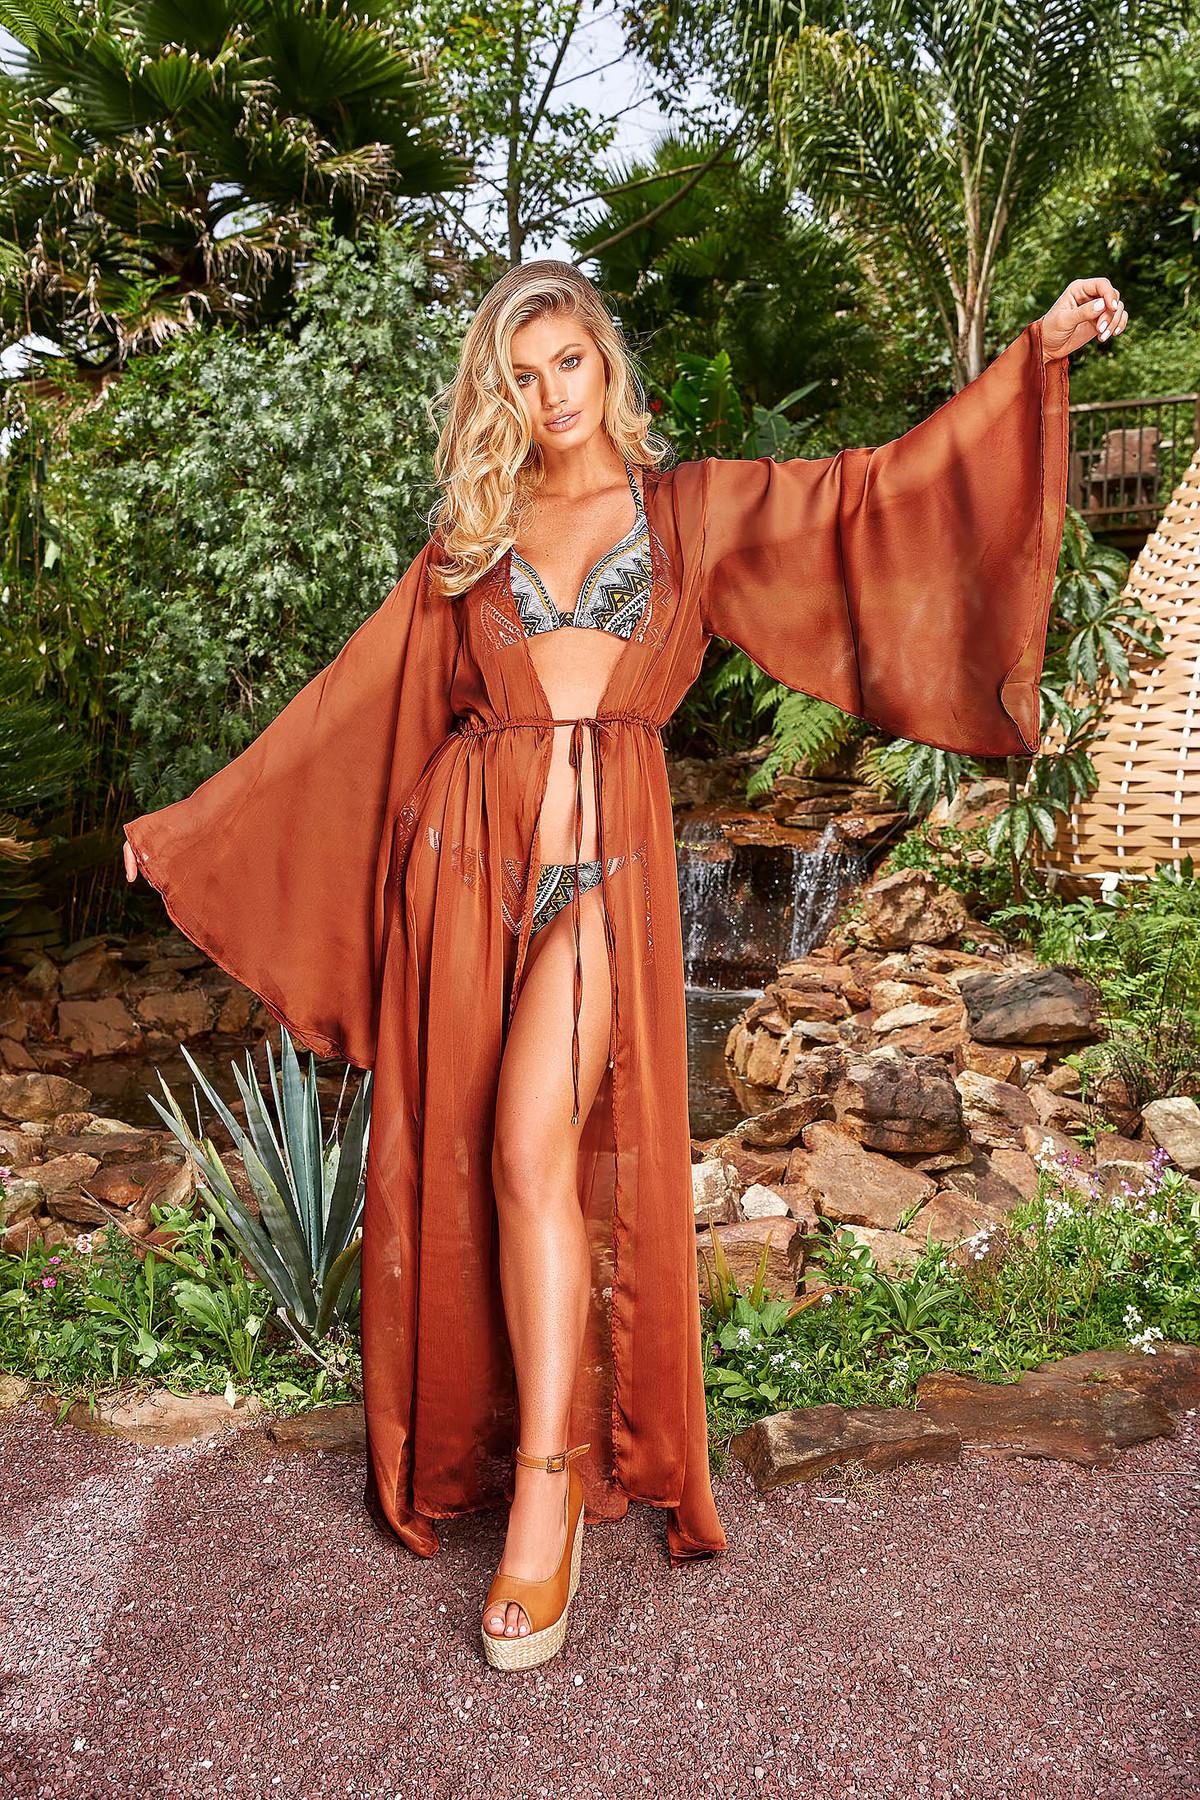 Rochie Cosita Linda caramizie de lux de plaja cu croi larg din material usor transparent cu snur in talie image0